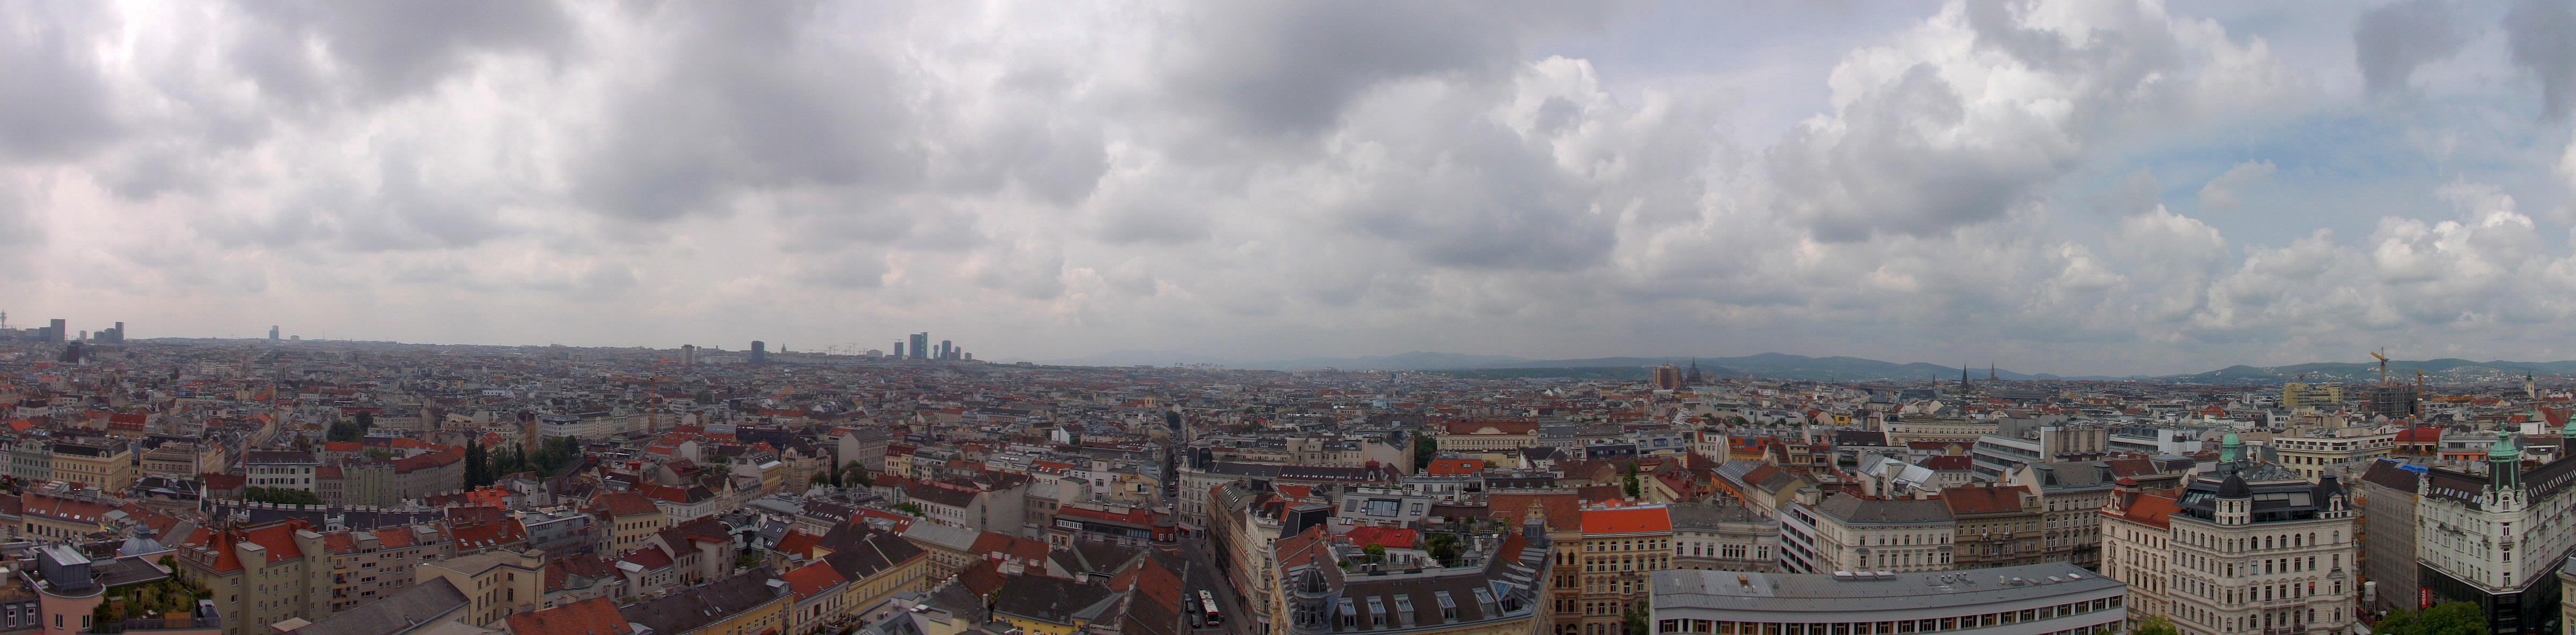 Blick vom Haus des Meeres auf einen Teil von Wien